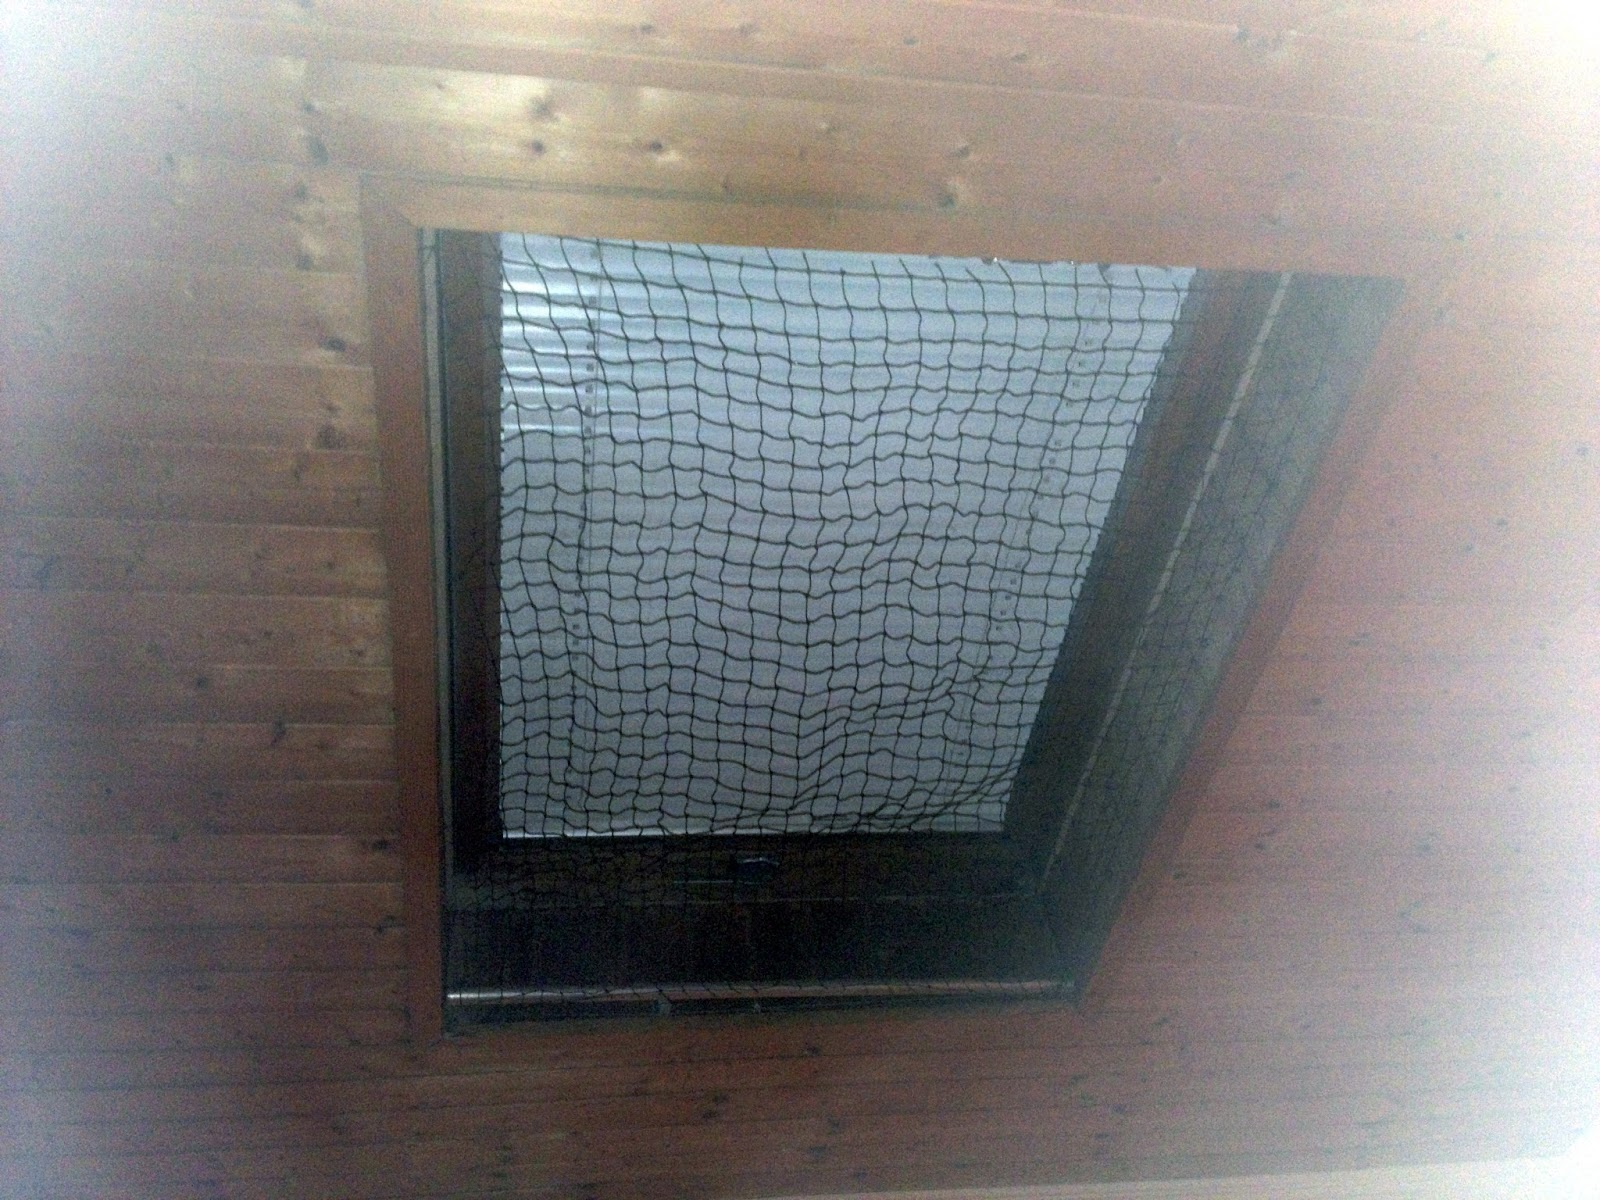 katzennetz nrw die adresse f r ein katzennetz katzennetz an velux fenster katzennetz f r. Black Bedroom Furniture Sets. Home Design Ideas